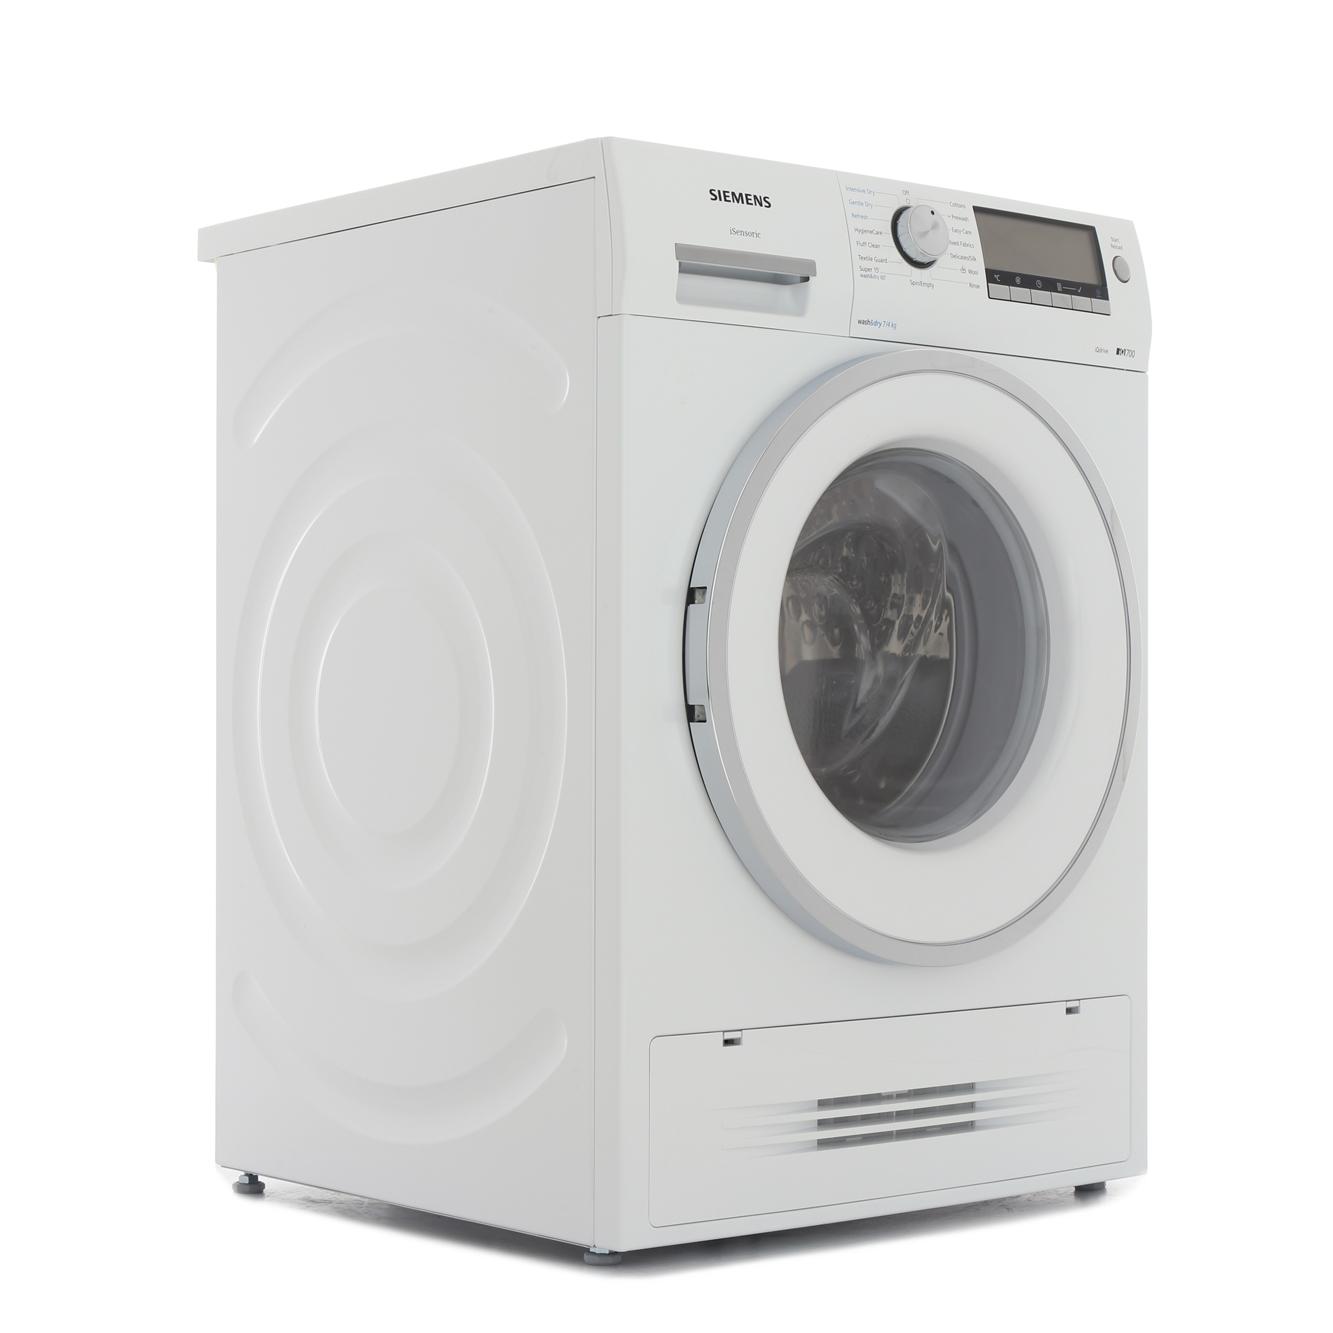 Siemens WD15H520GB Washer Dryer